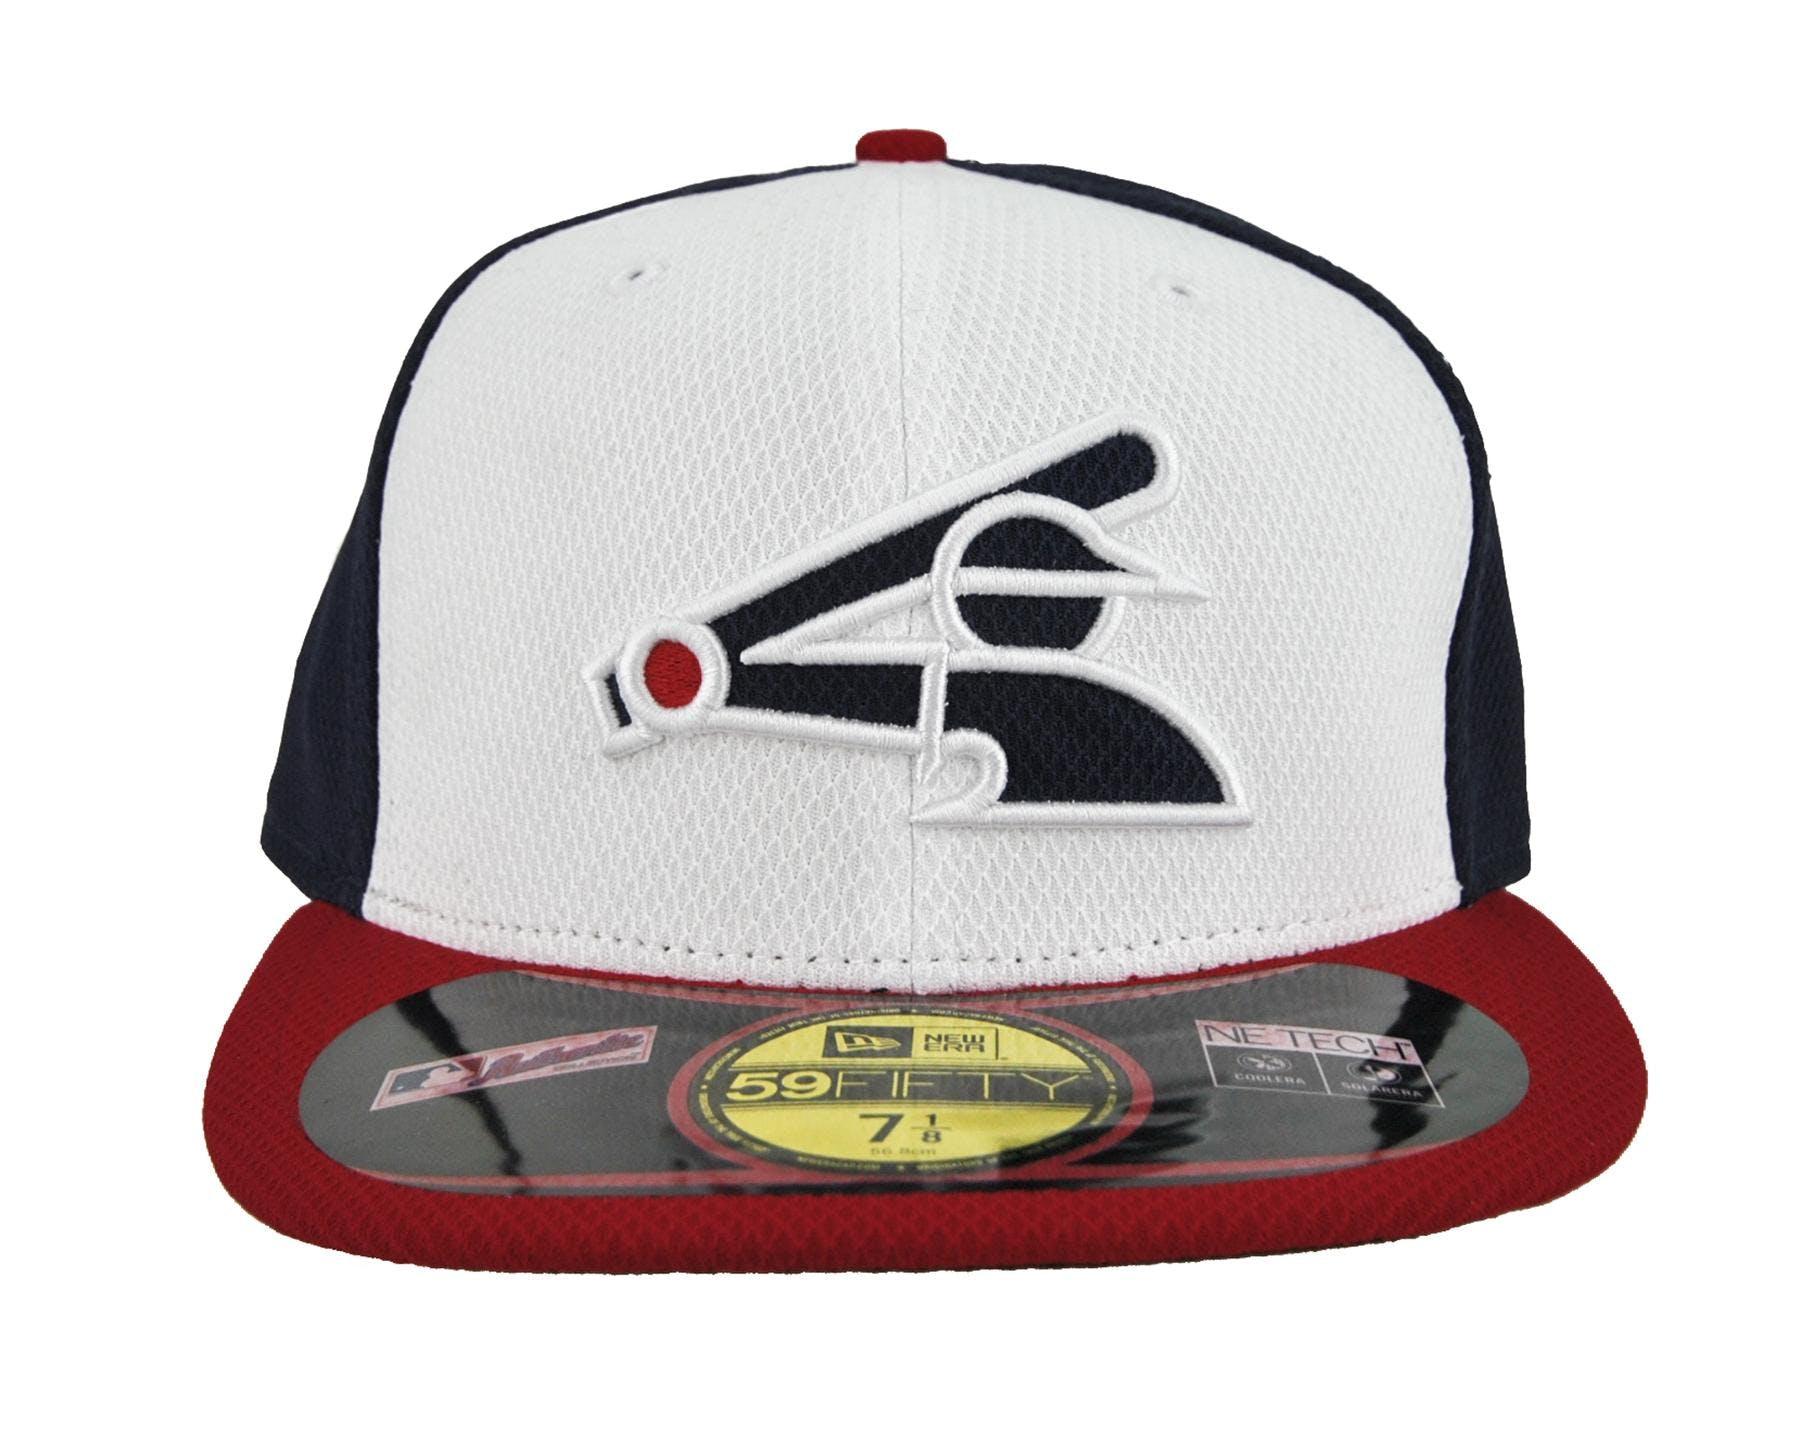 d62ac1f2e76 Chicago White Sox New Era Retro Logo Navy   White Diamond Era ...